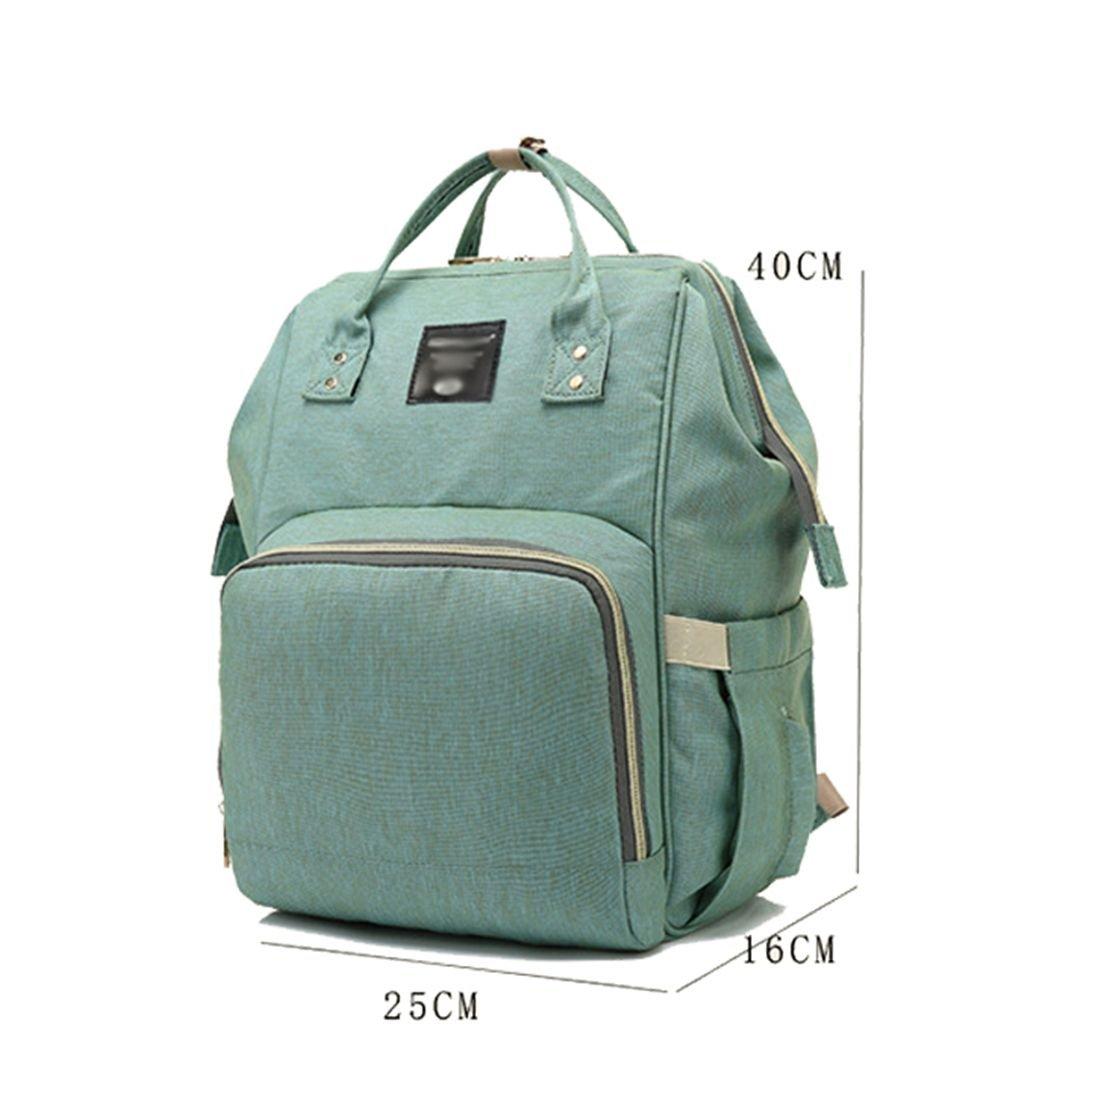 TOOGOO Verde claro bolsa de mama de moda Mochila de viaje impermeable de gran capacidad multifuncion Bolsas de panales portatiles Bolsas de botella durable de moda Bolsas de panales